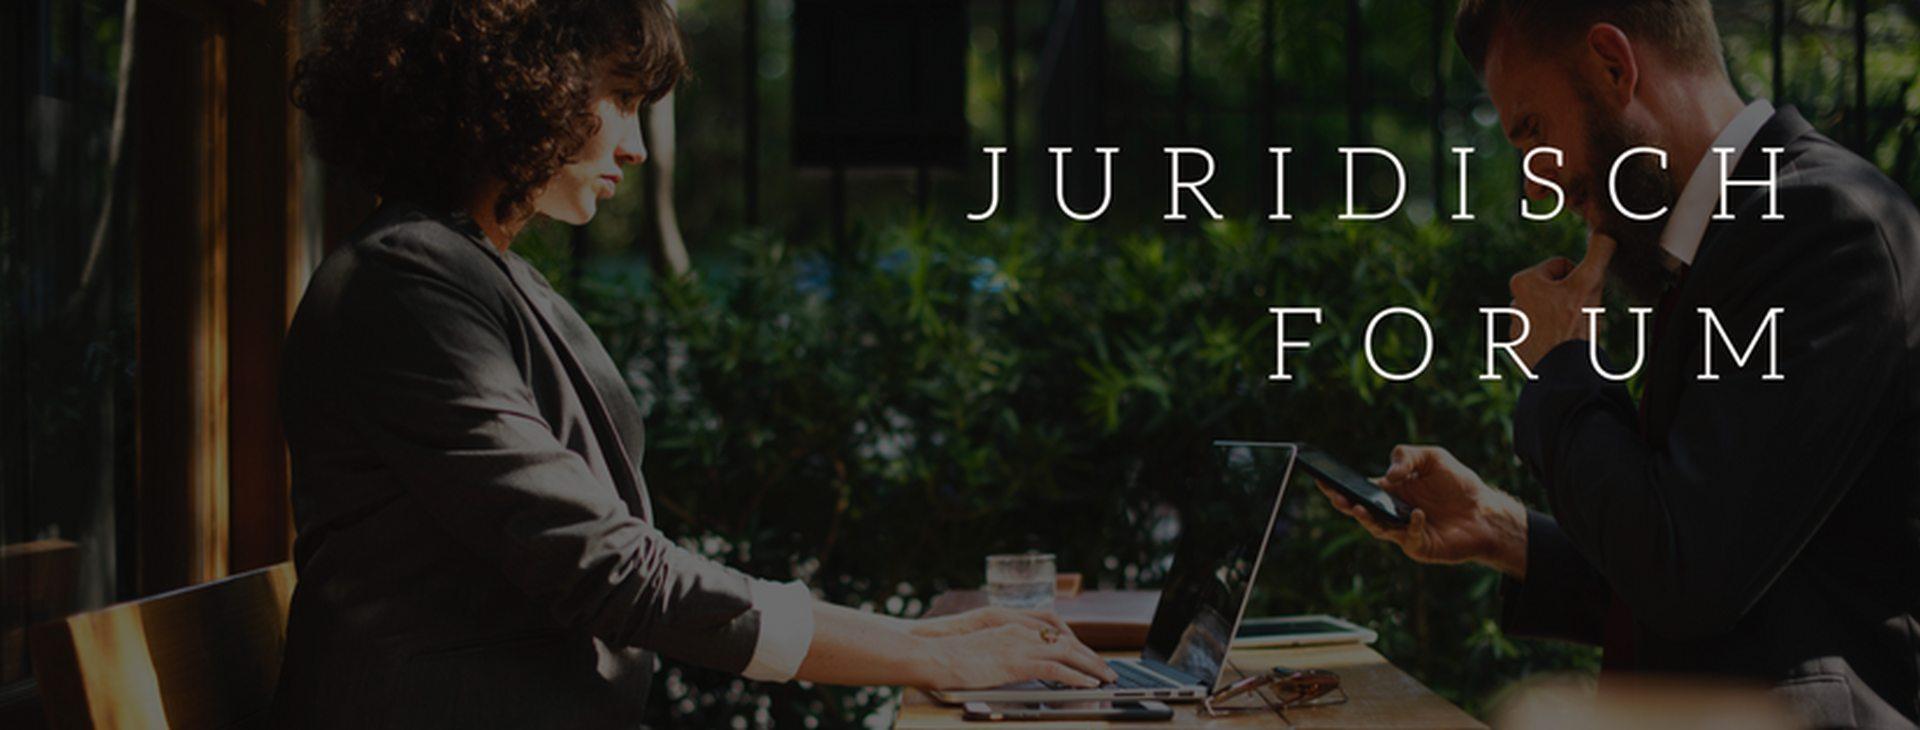 juridisch forum